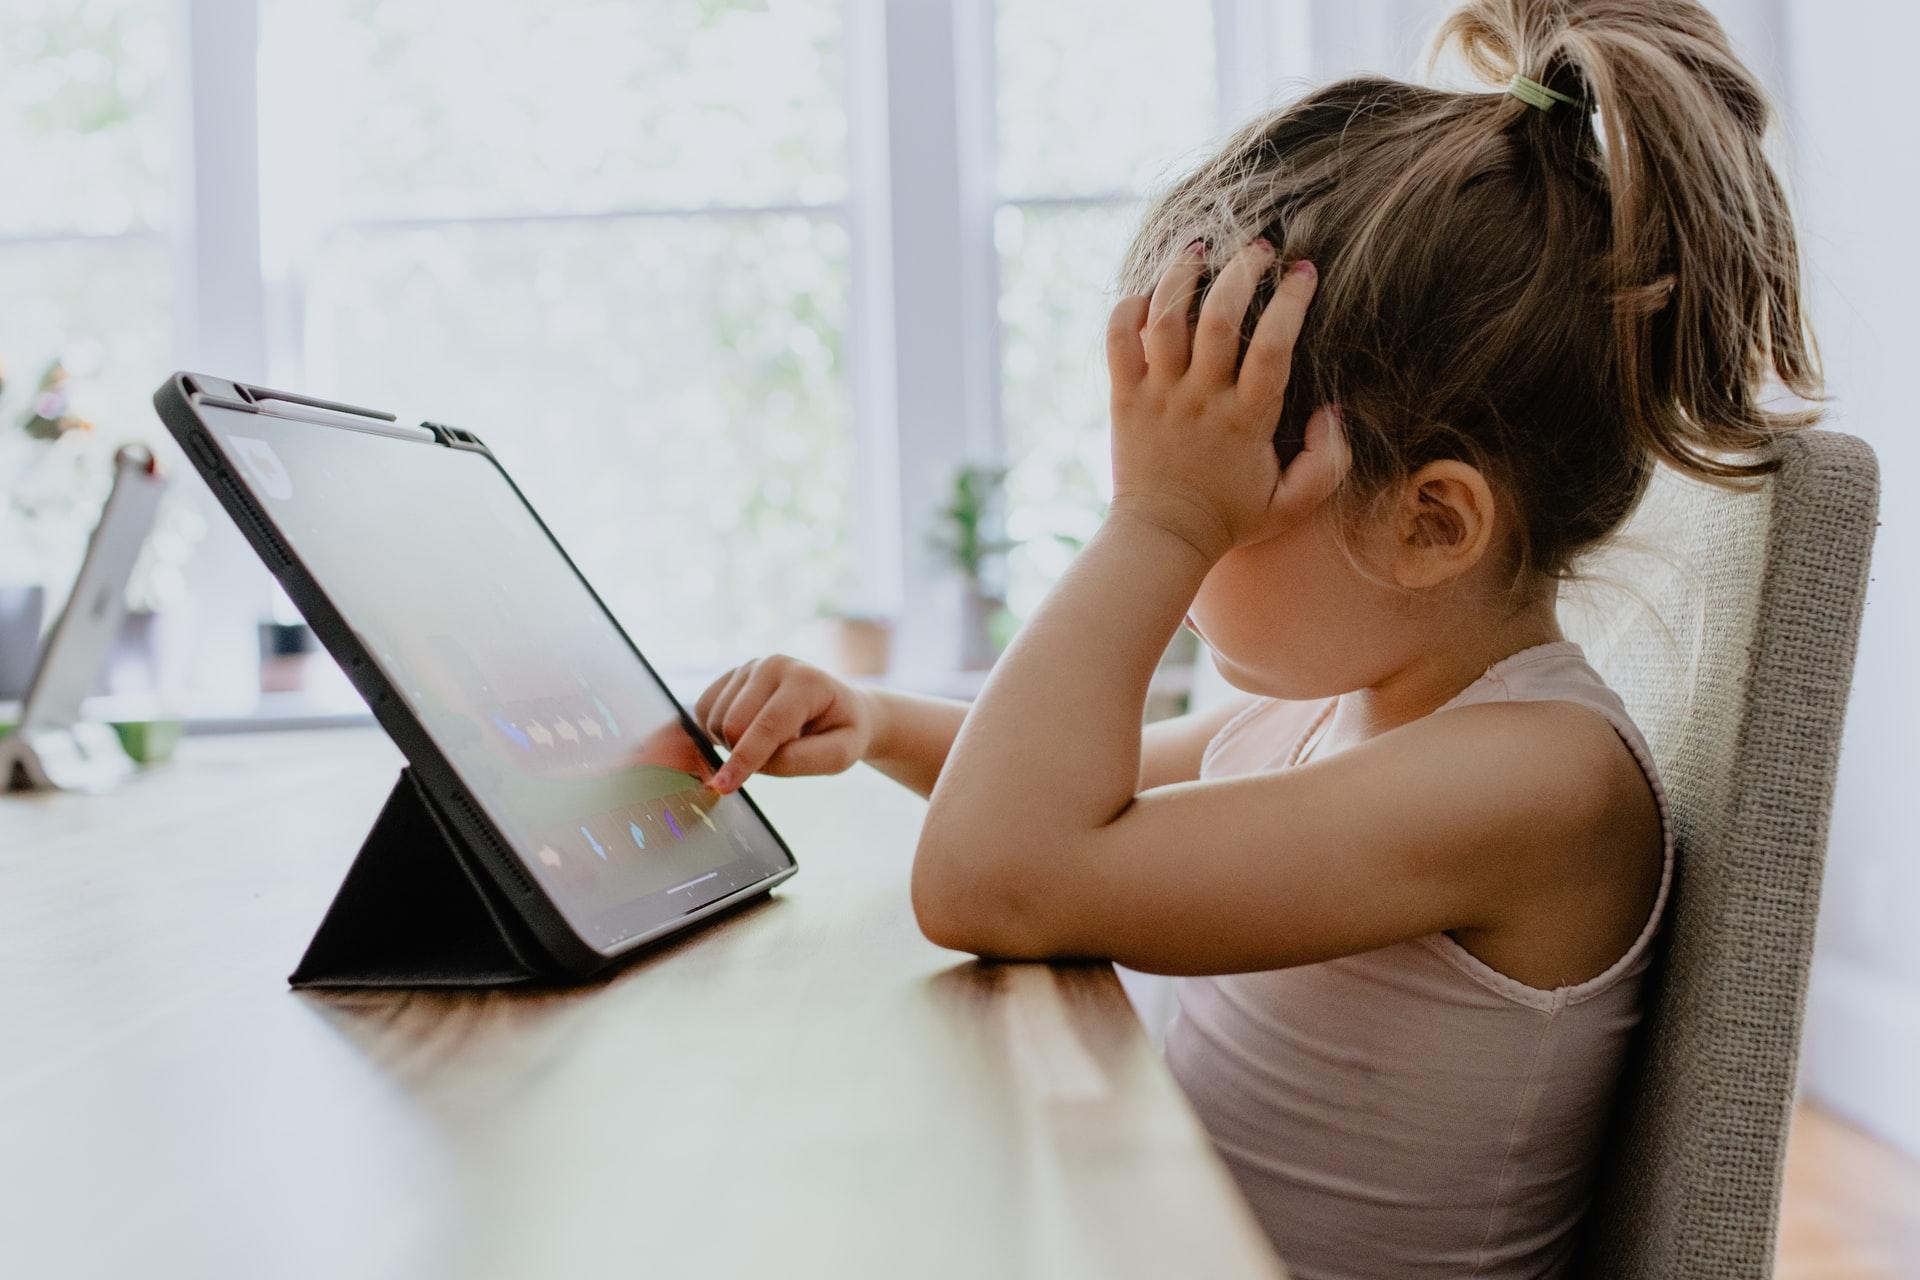 タブレットを操作する少女